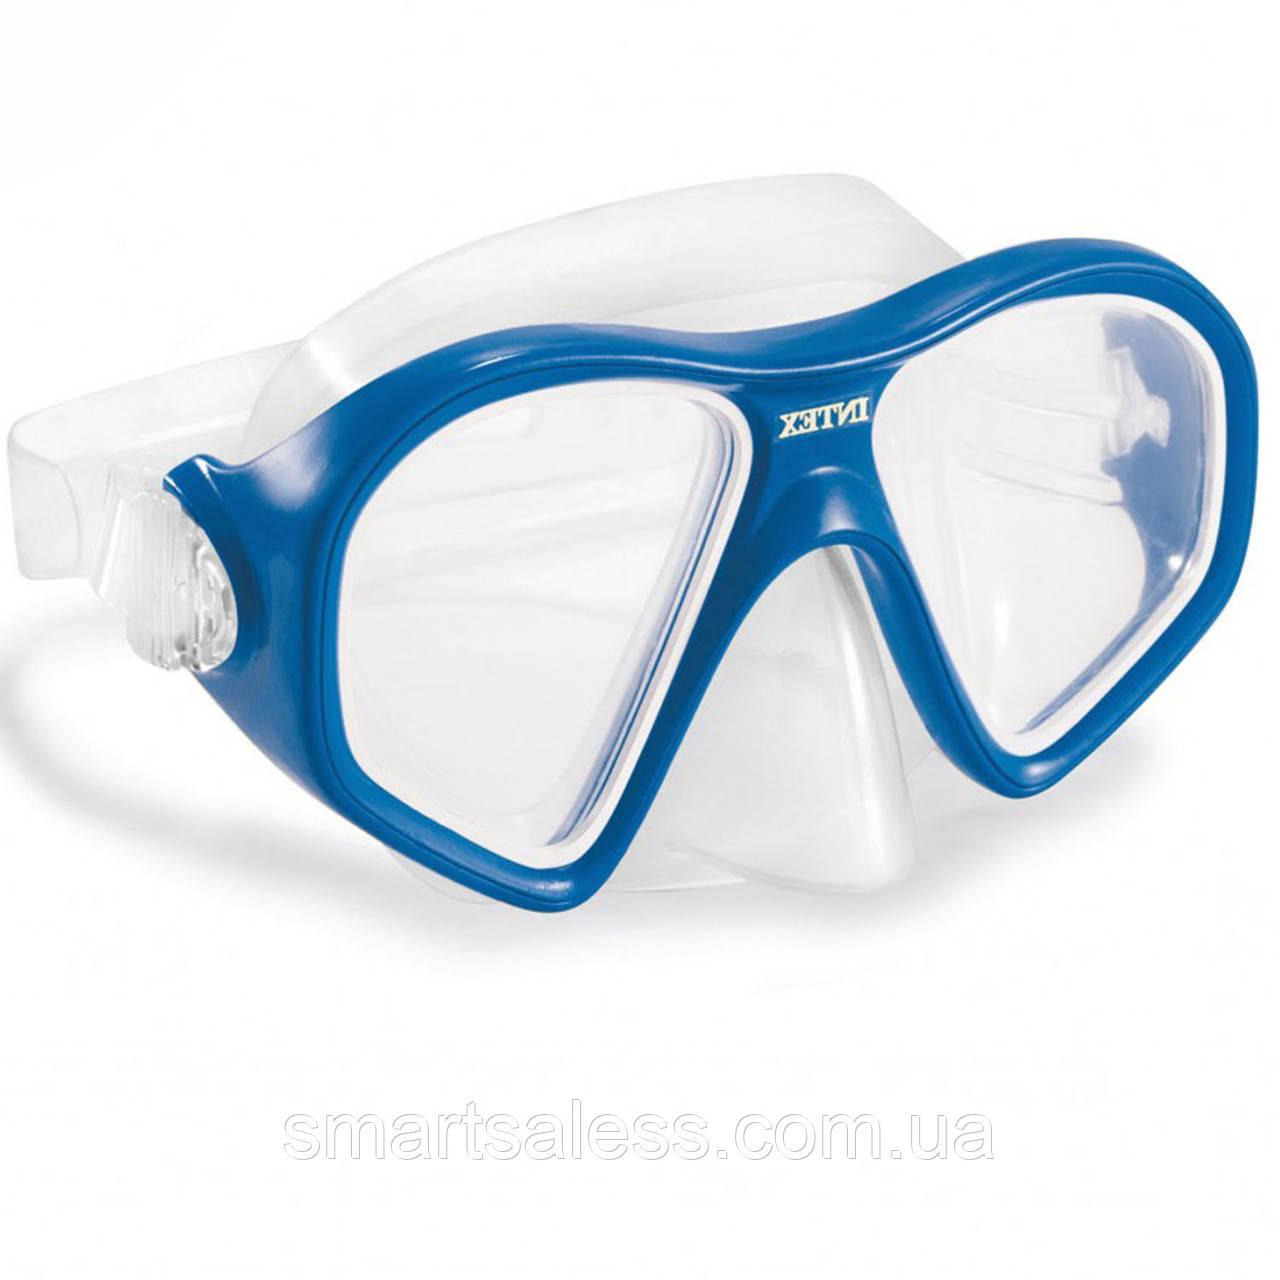 Маска для плавання Intex 55977, розмір XXL, (14+), обхват голови ≈ 59 см,синя